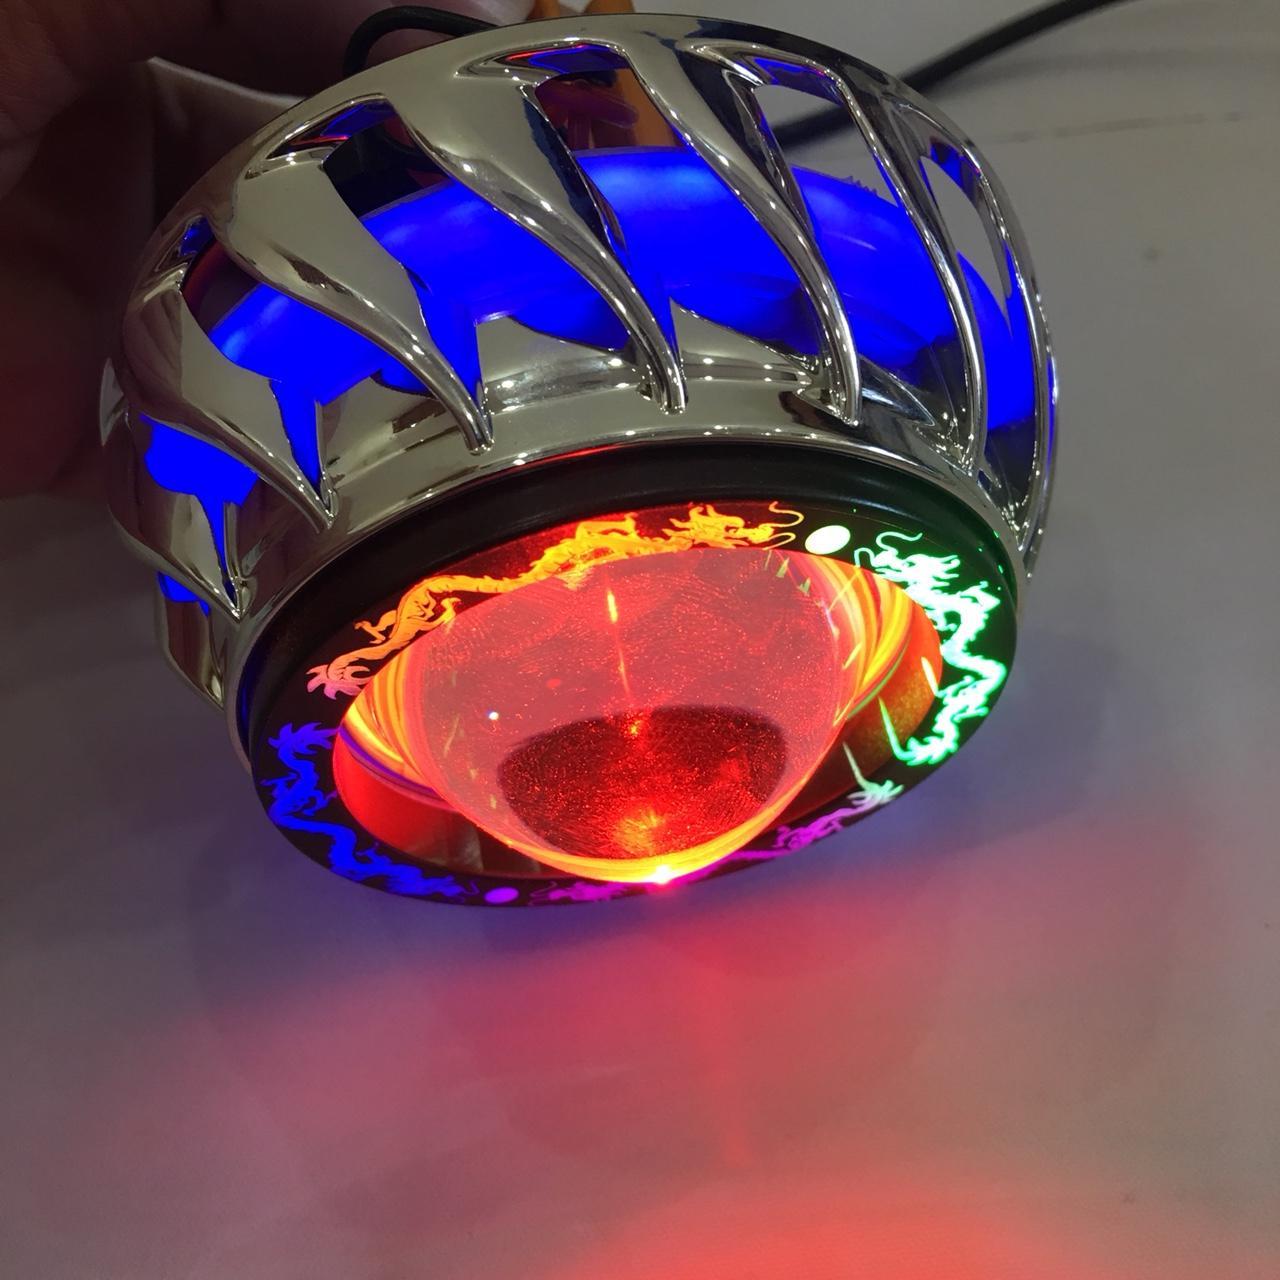 [HÚ HỒN ] đẹp long lanh bắt mắt với bộ đèn bi u14 hình con rồng  đế tản nhiệt siêu sáng siêu tiết kiệm điện A143 Nhật Bản